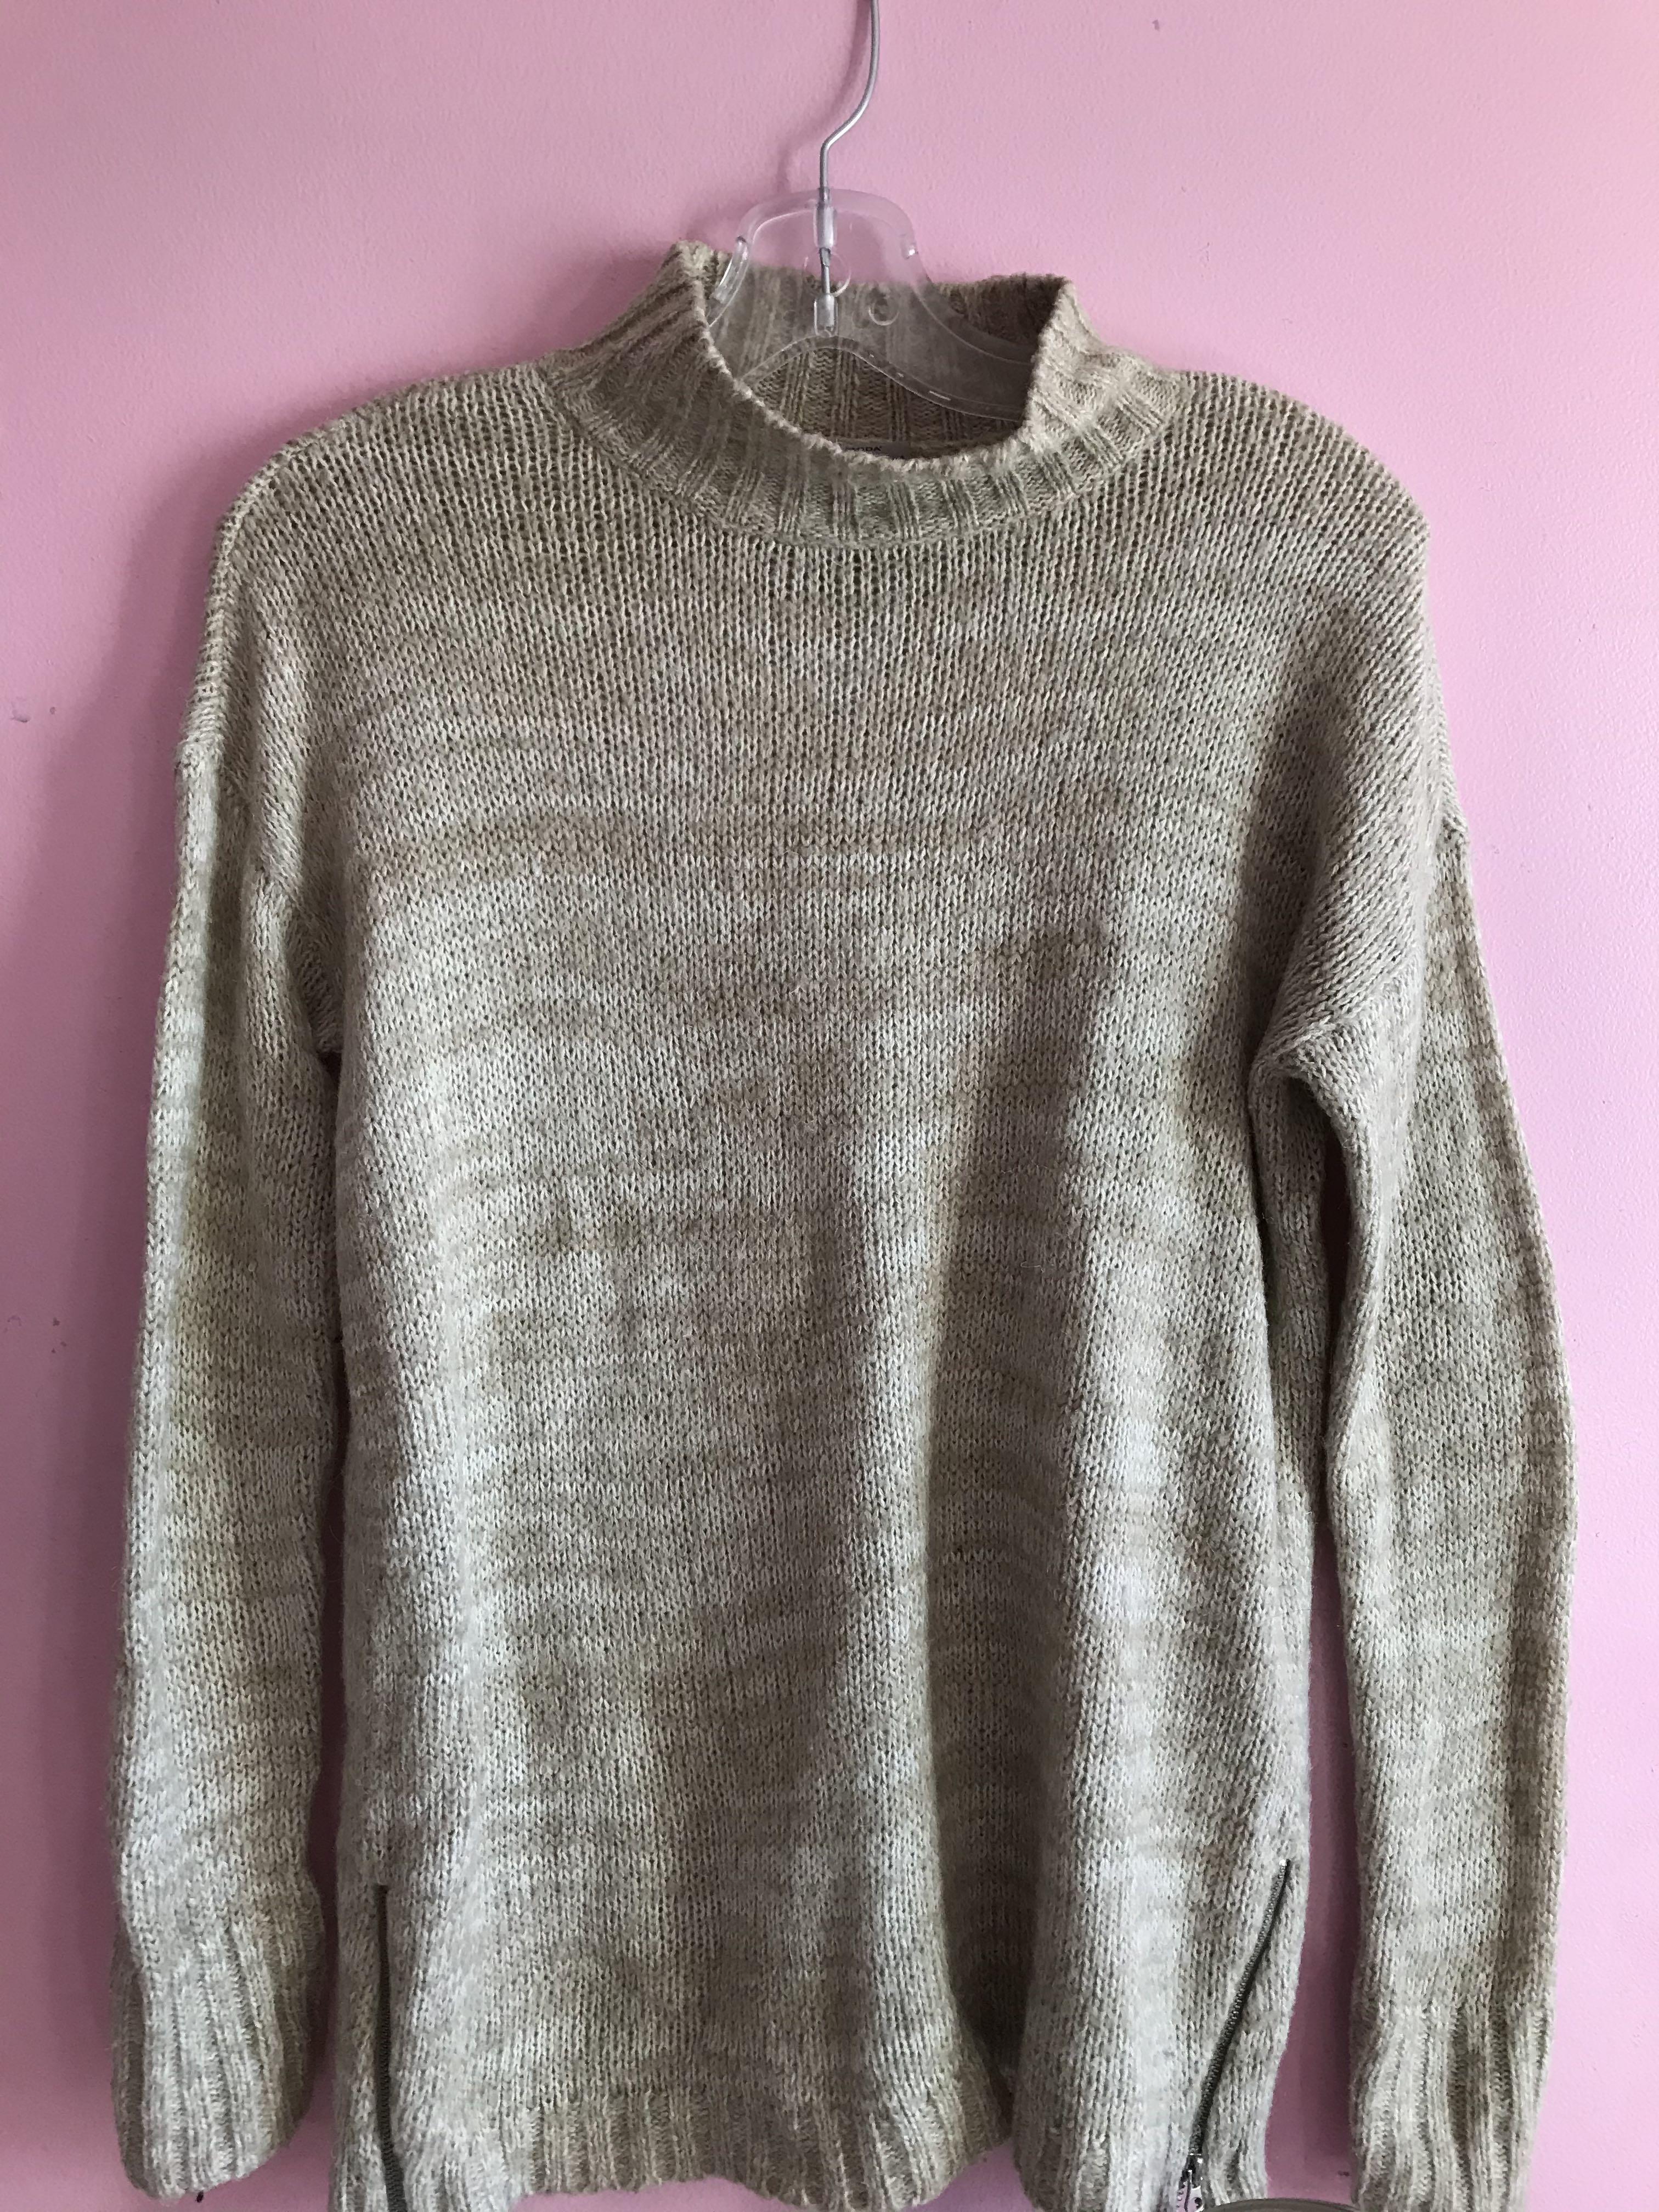 Vera Moda turtle neck sweater